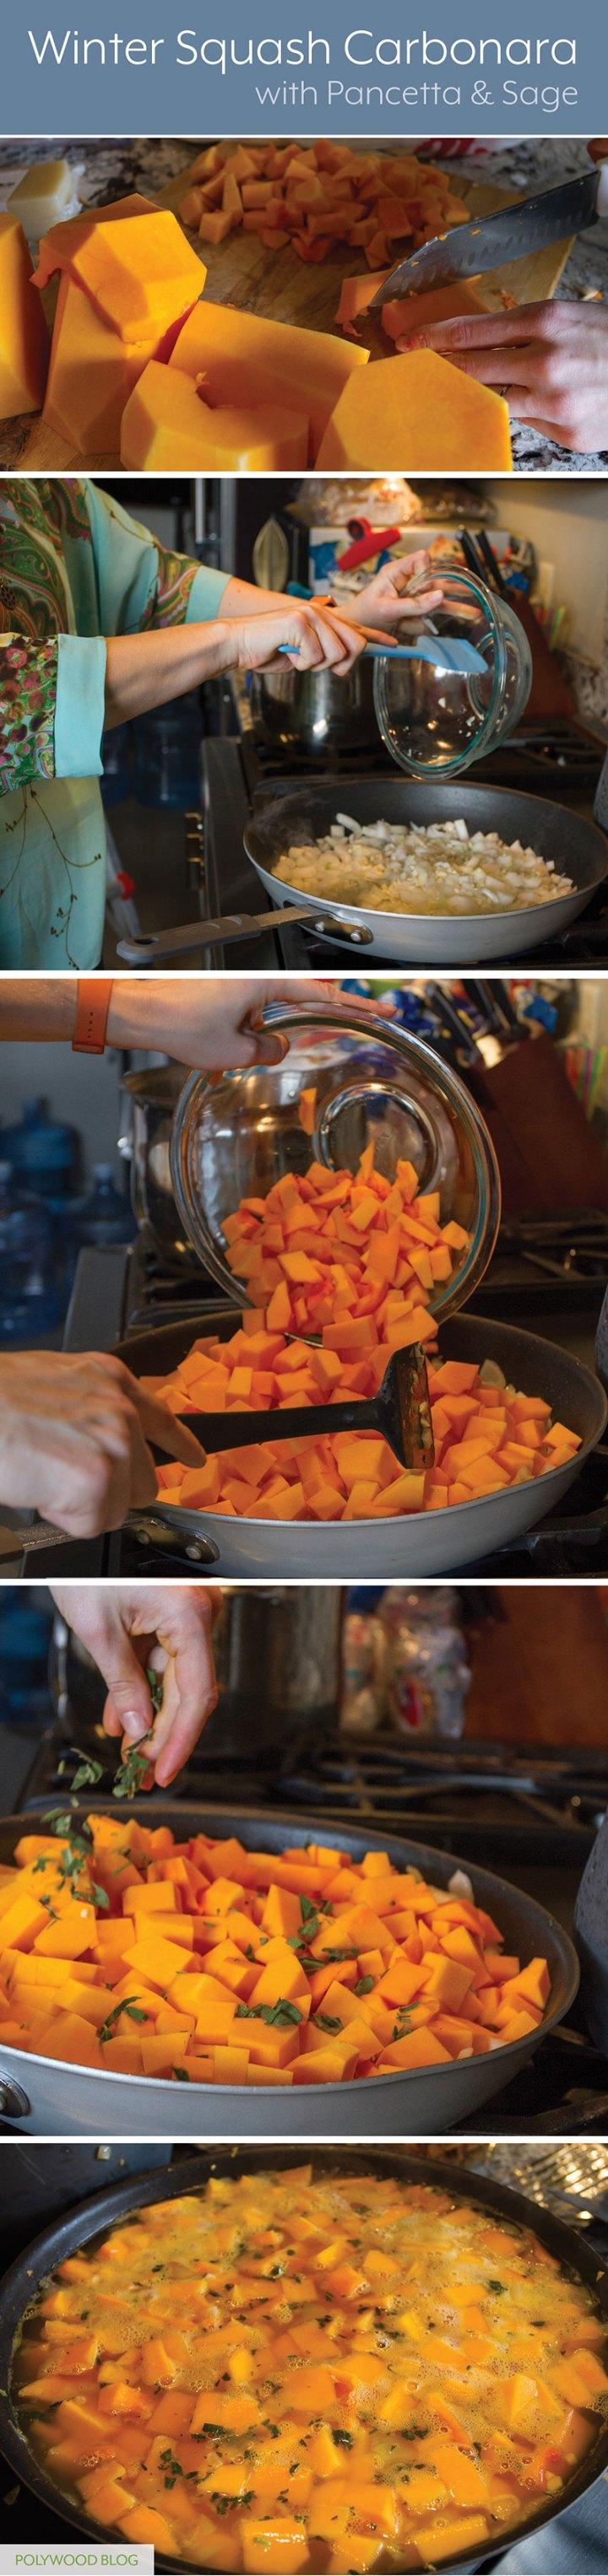 Winter-Squash-Carbonara-Recipe-POLYWOOD-Blog-FirstSteps